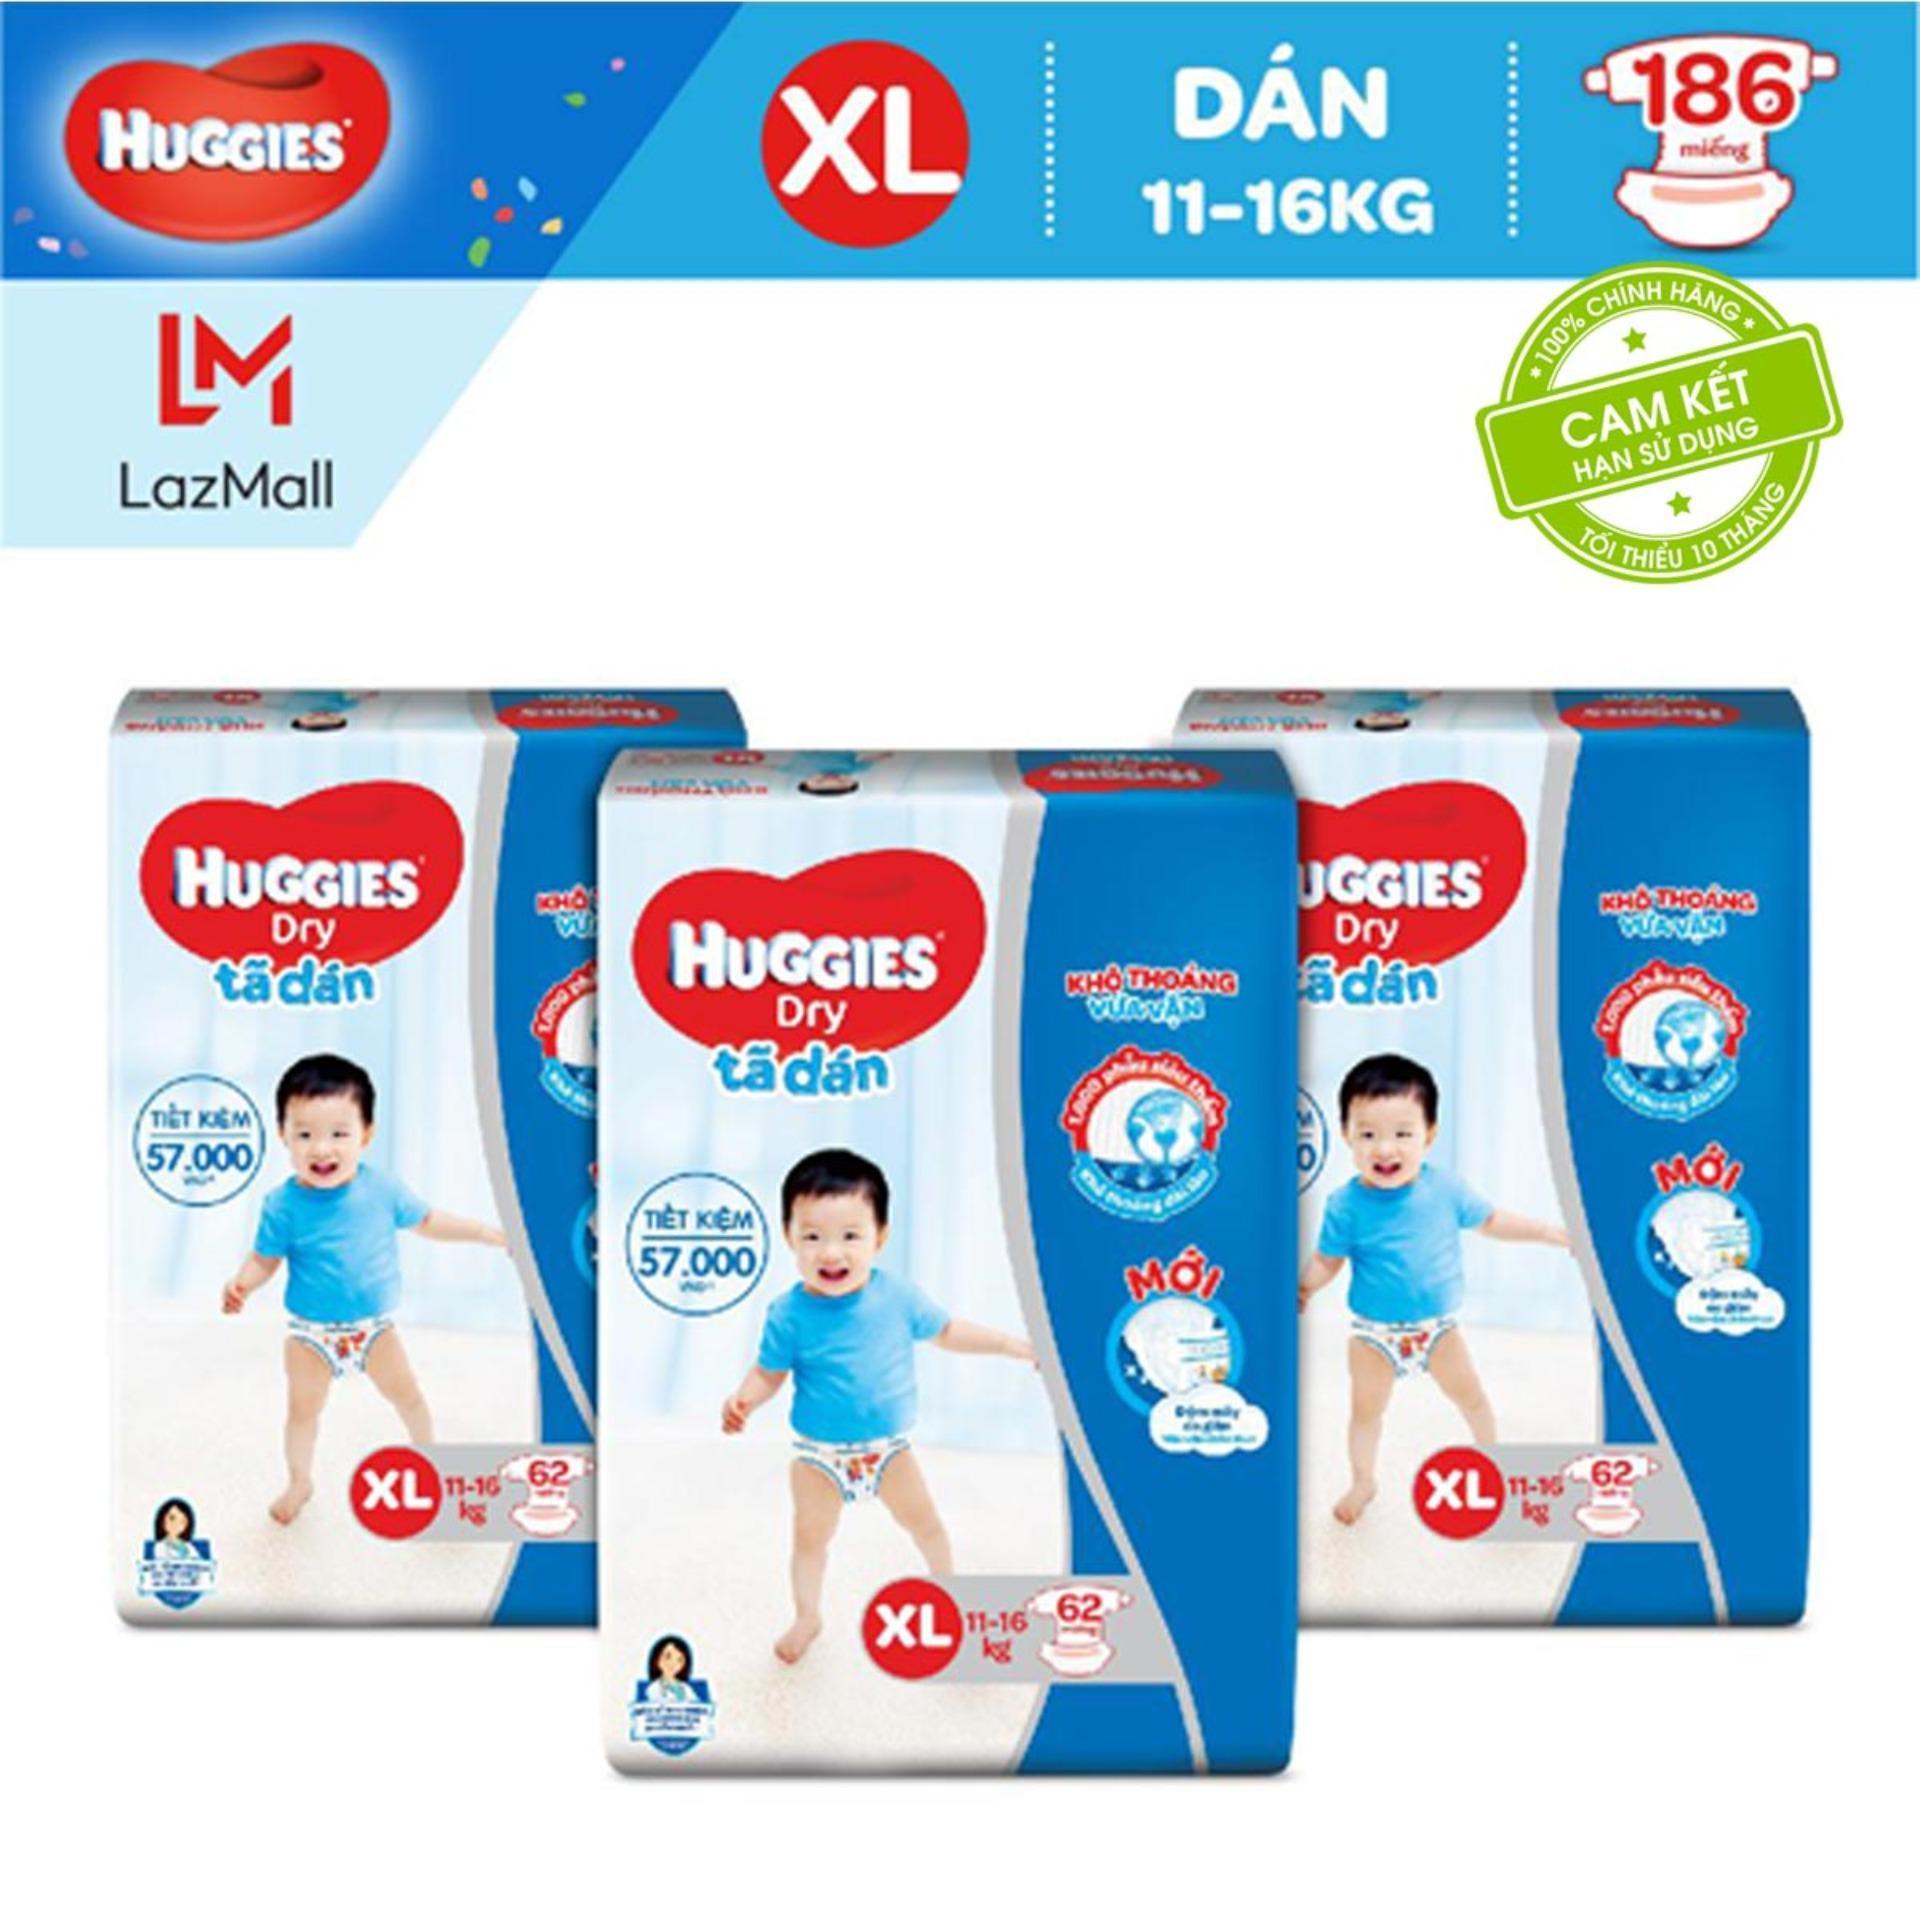 Lazada Ưu Đãi Khi Mua Bộ 3 Tã/Bỉm Dán Huggies Dry Super Jumbo XL62 - Gói 62 Miếng (Cho Bé 14 - 17kg) - Cam Kết HSD Còn ít Nhất 10 Tháng